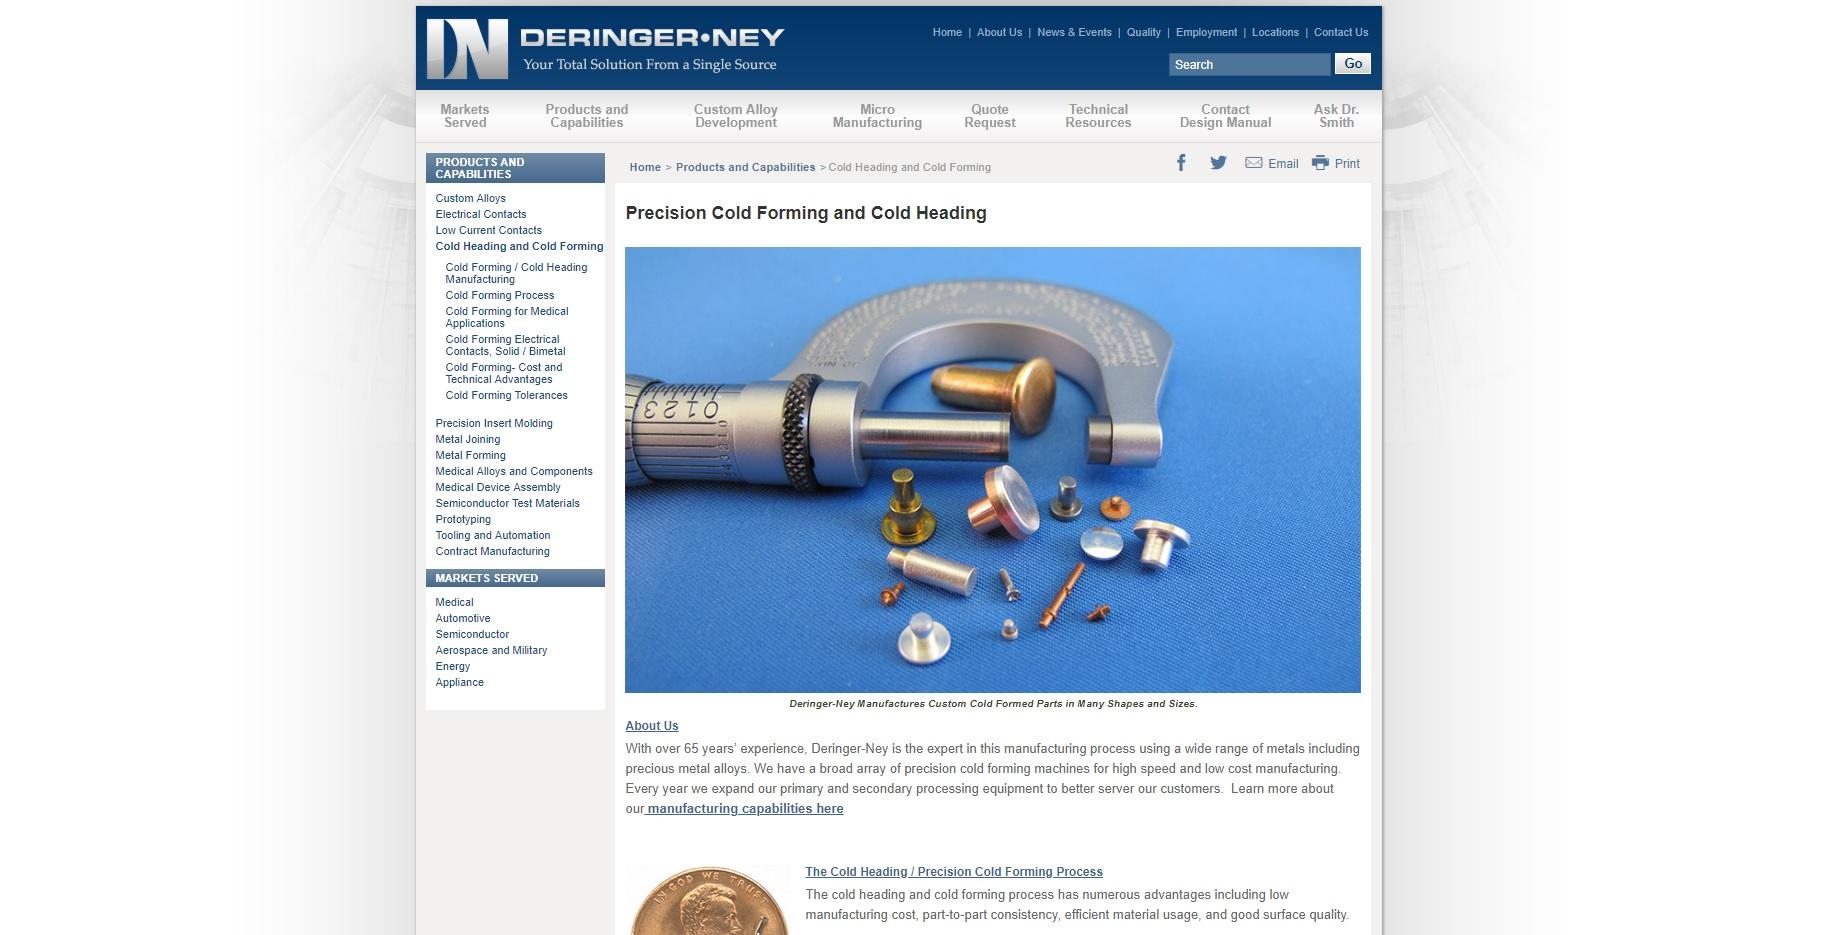 Deringer-Ney, Inc.